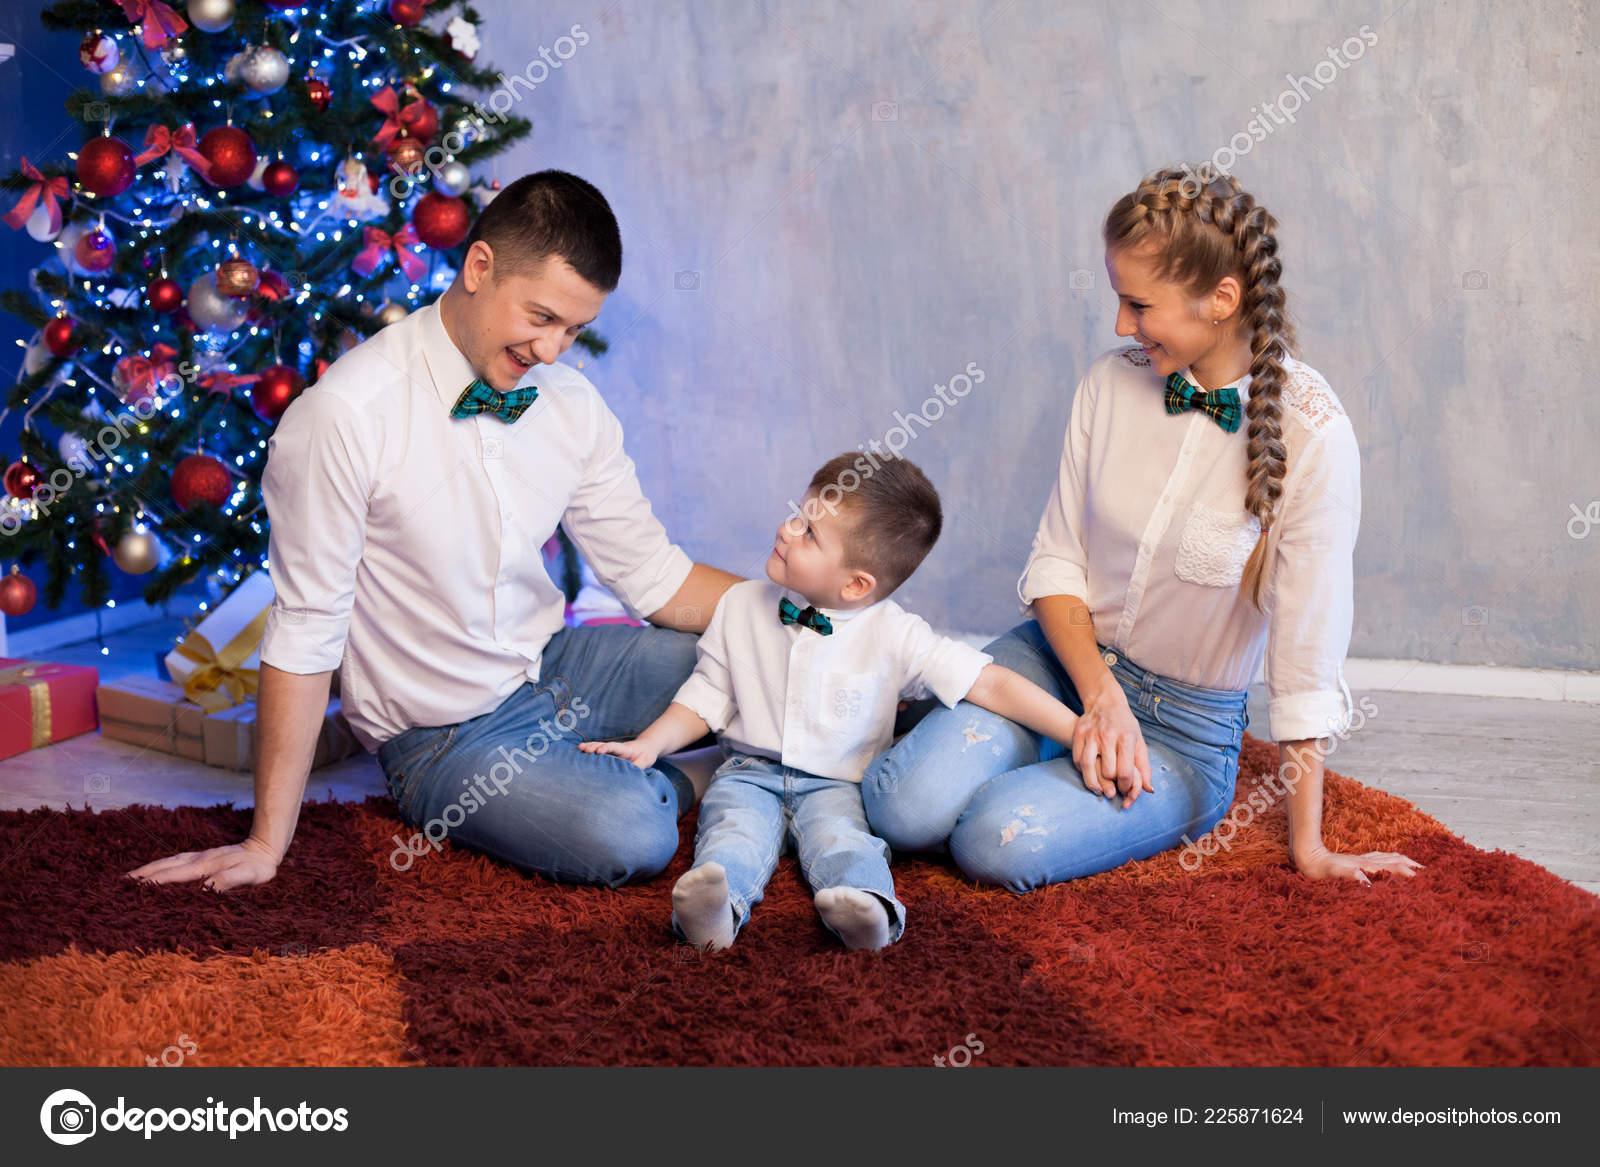 Regali Di Natale Per Il Papa.Mamma Papa E Piccolo Figlio Natale Capodanno E Regali Di Natale